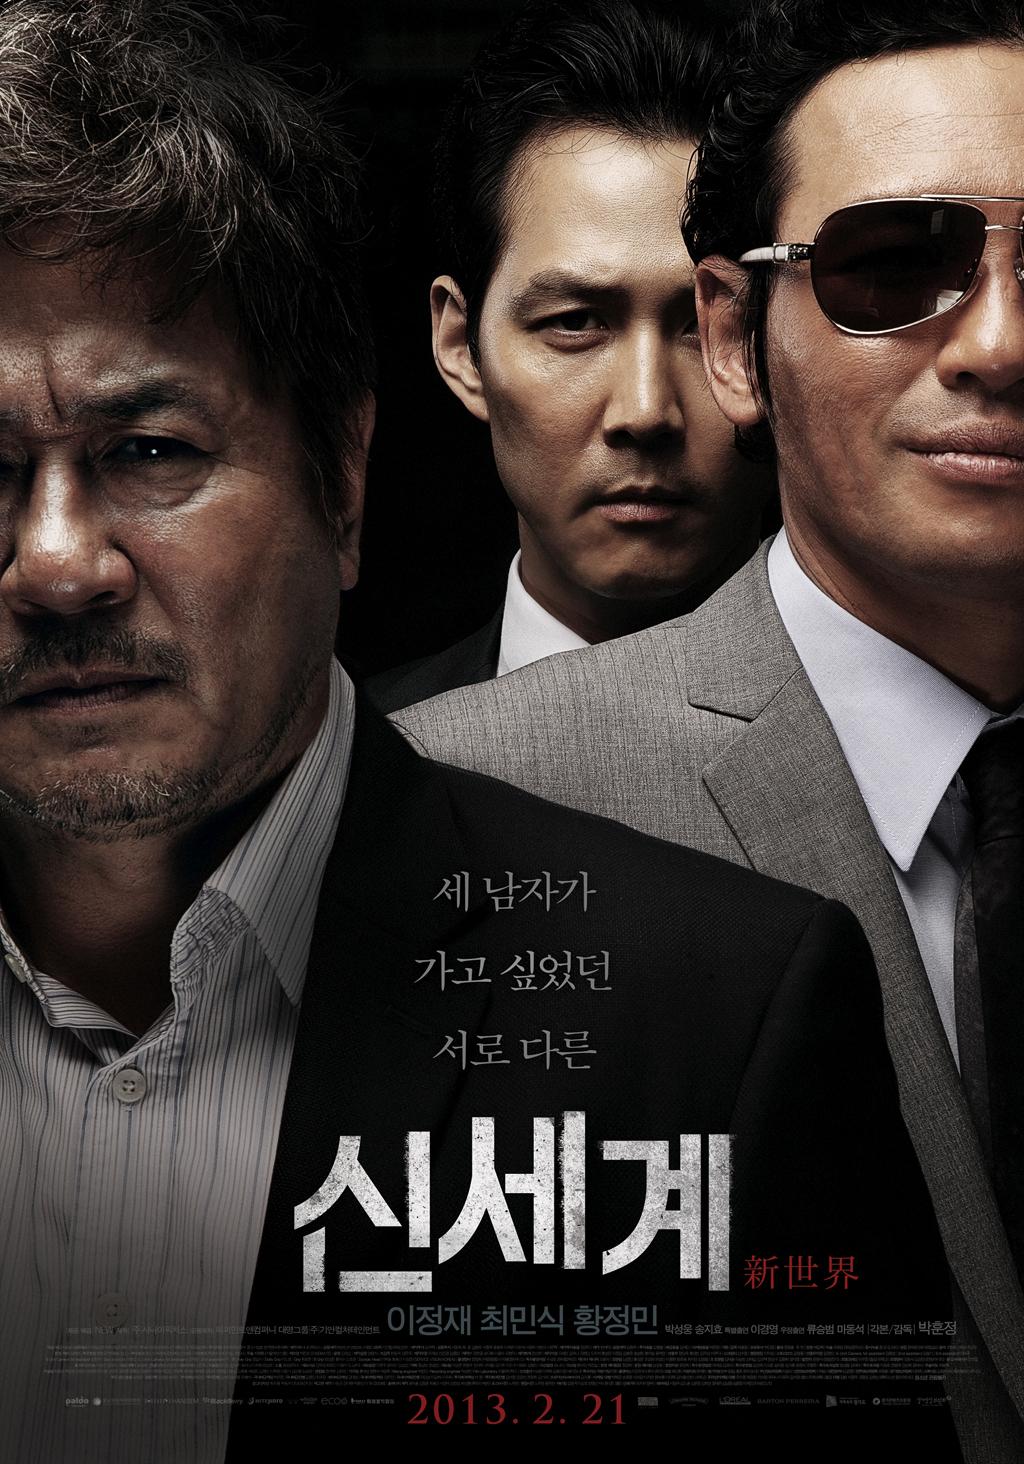 자유한국당이 연출한 '조폭영화'의 결말은..